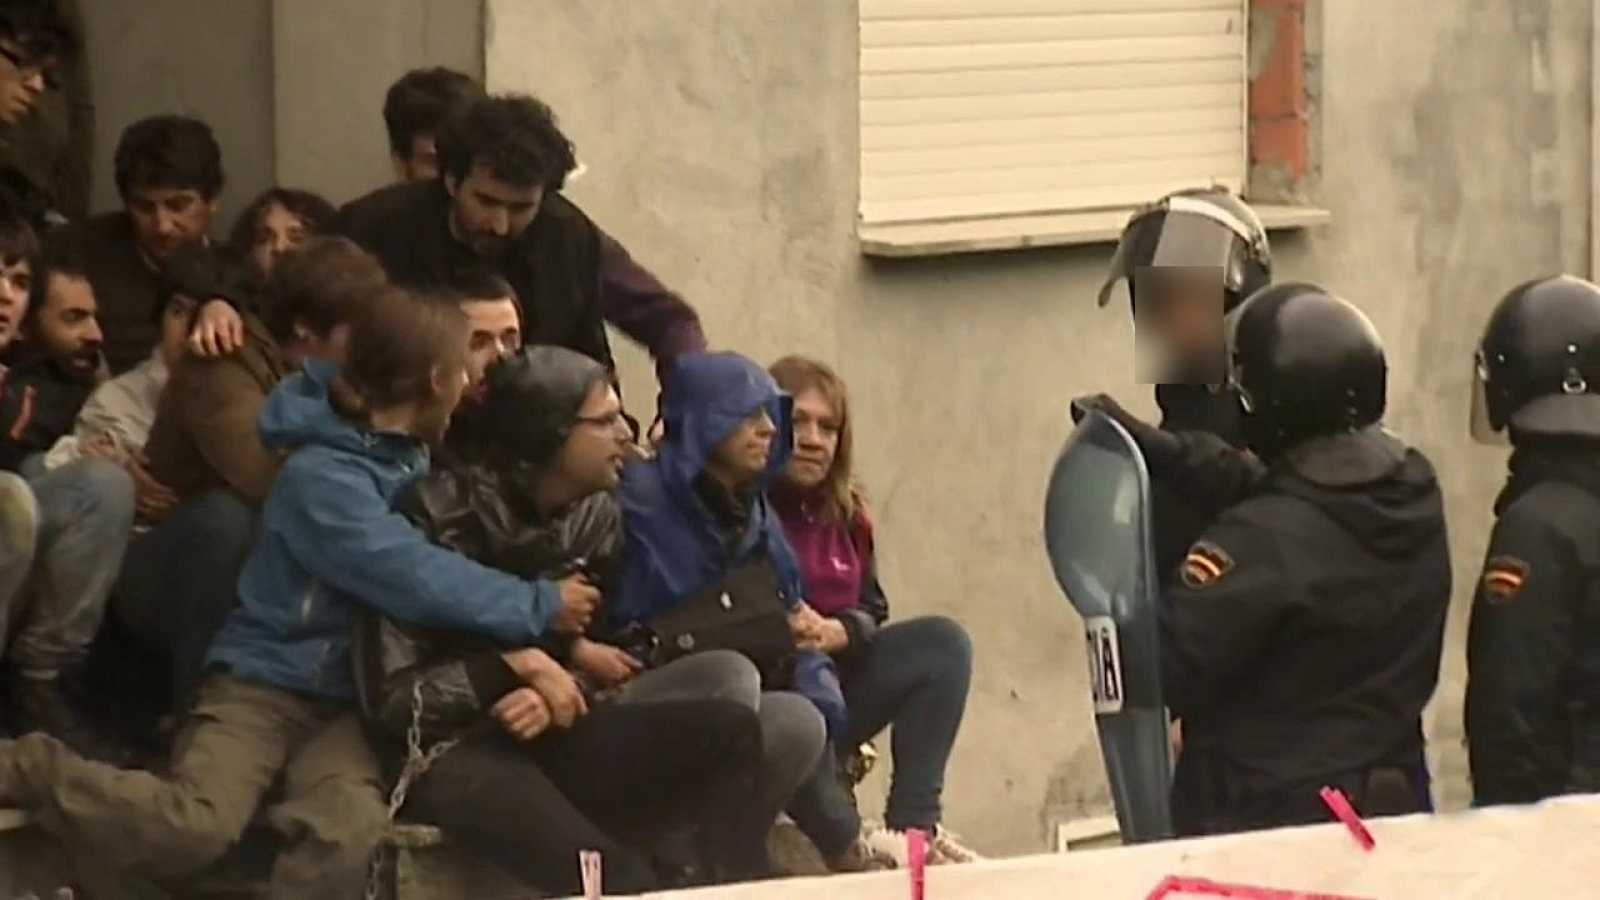 Esto es España... y Cataluña: aprobada en el Parlament una ley que avala la ocupación ilegal